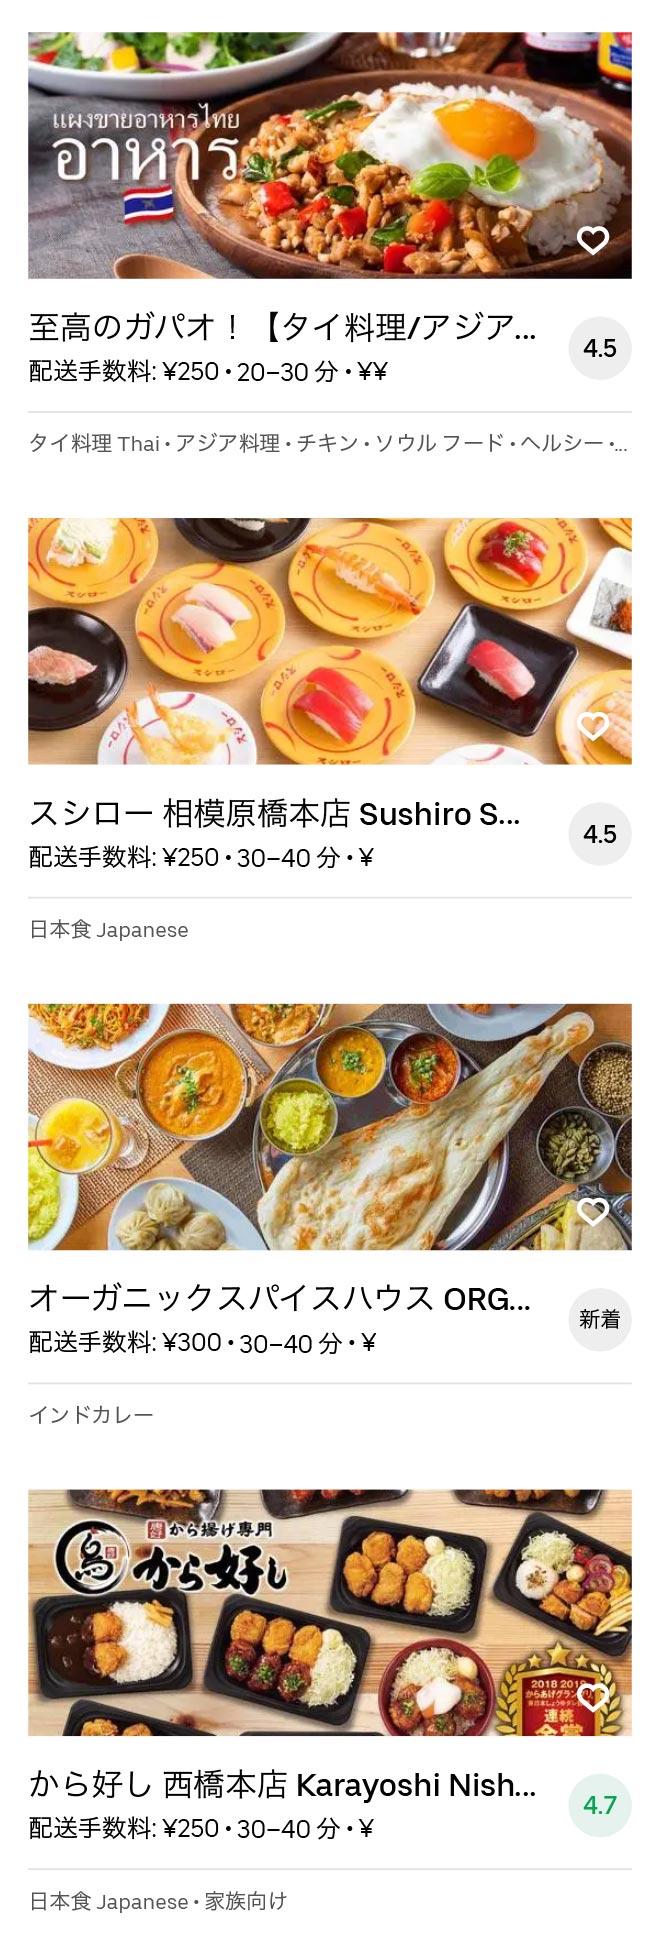 Aihara menu 2010 10